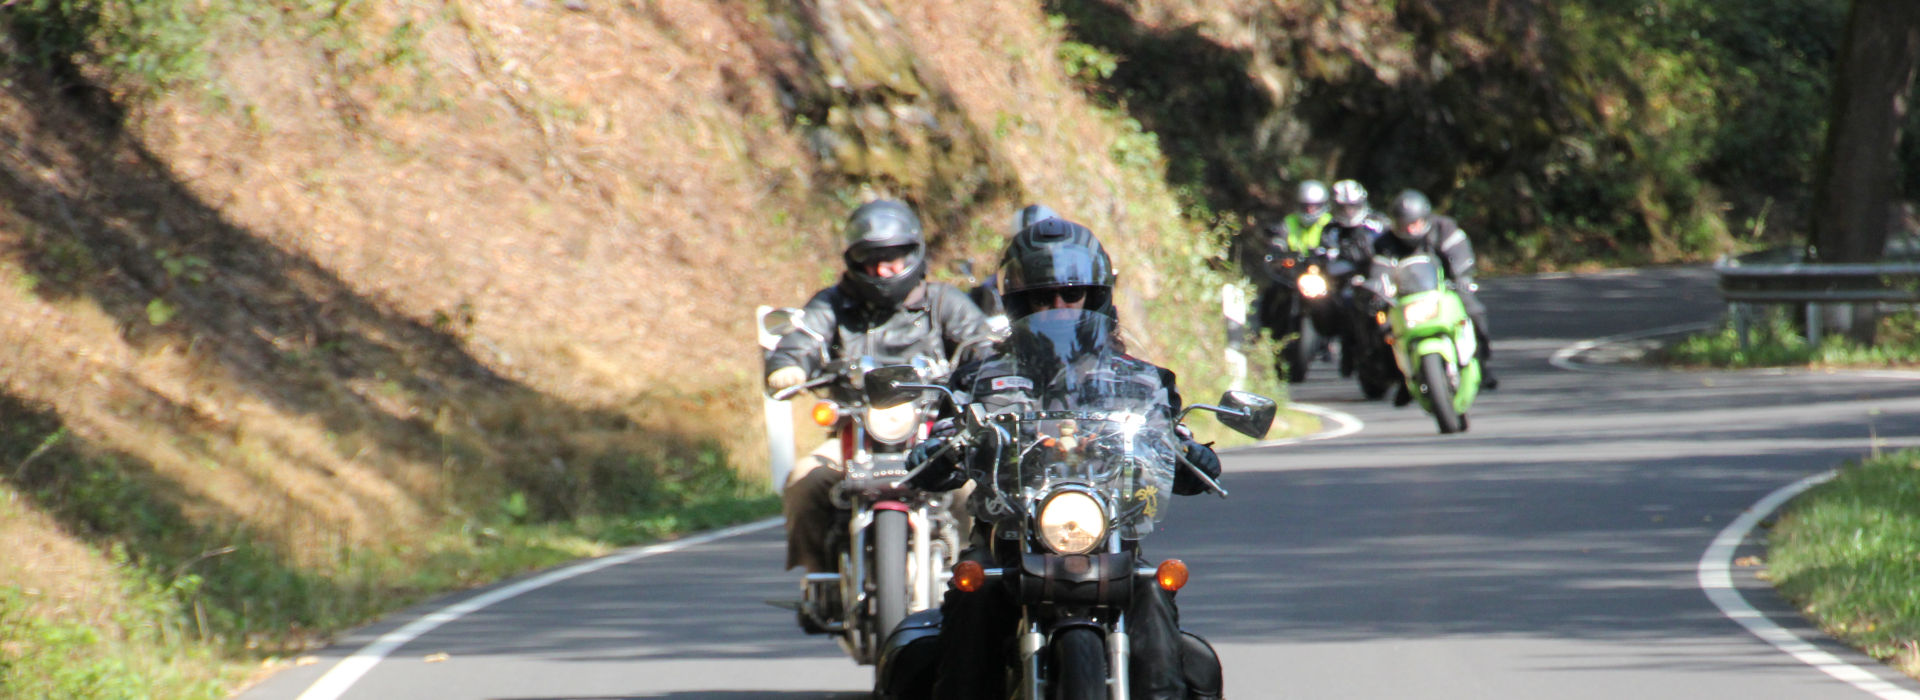 Motorrijbewijspoint Den Bosch spoed motorrijbewijs